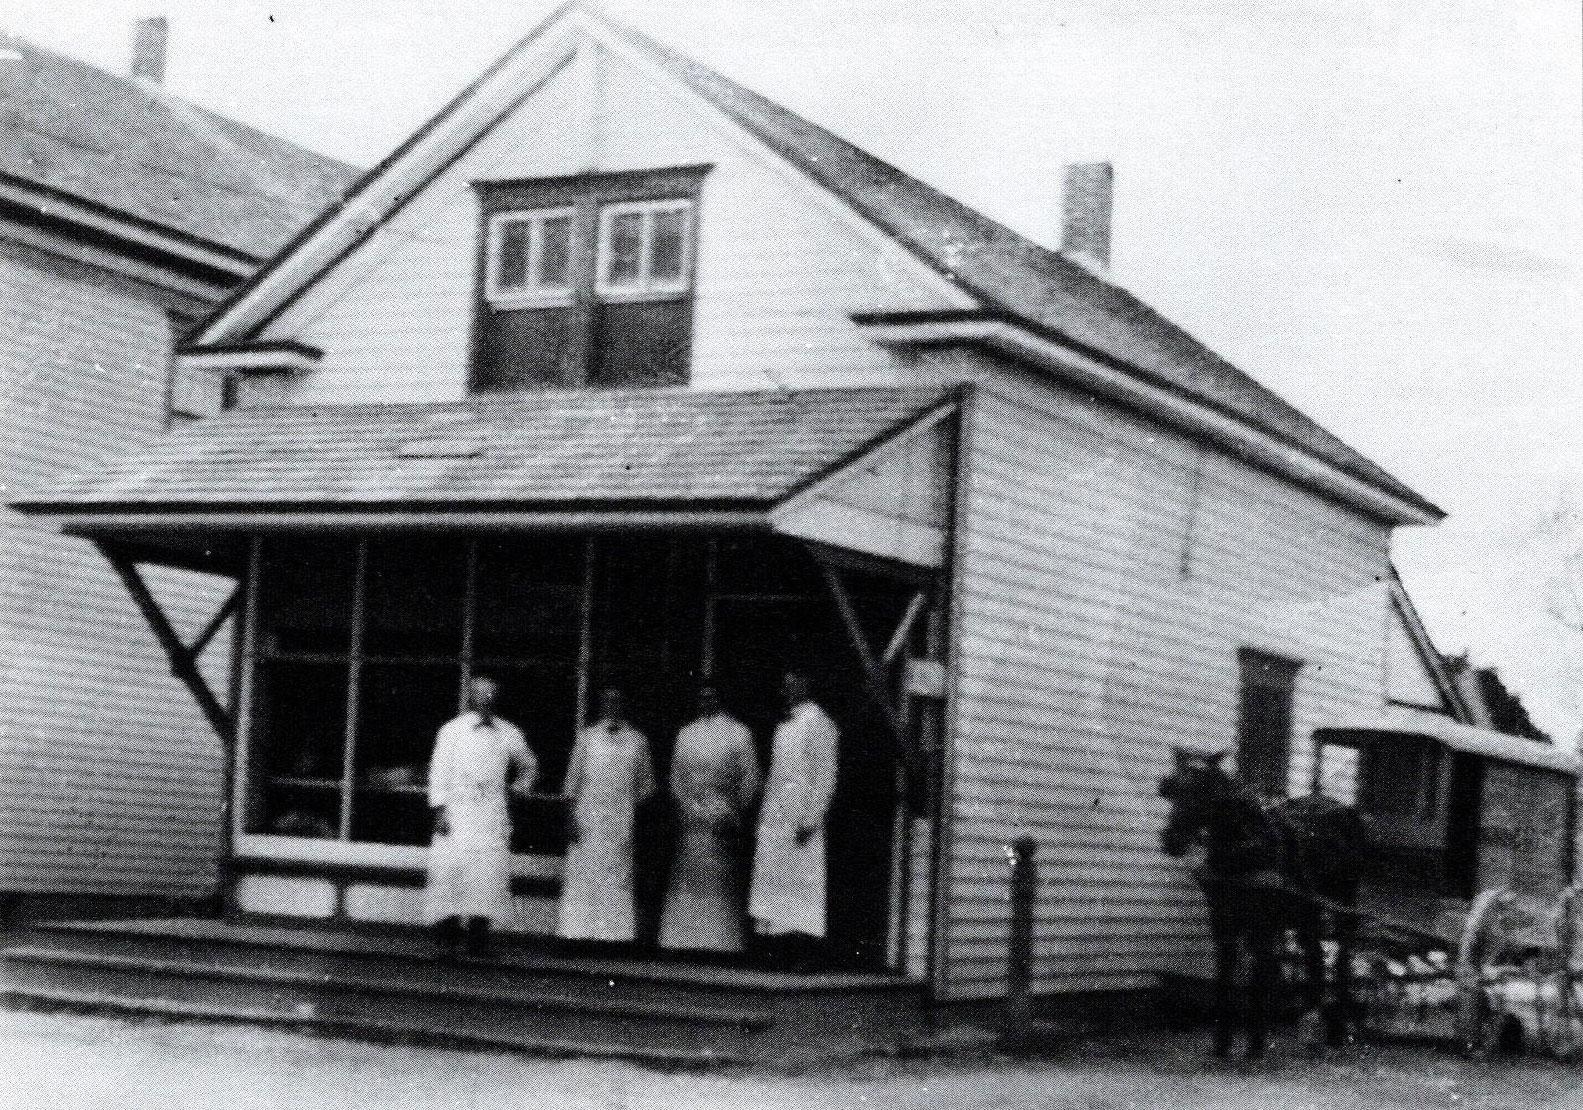 West Butcher Shop